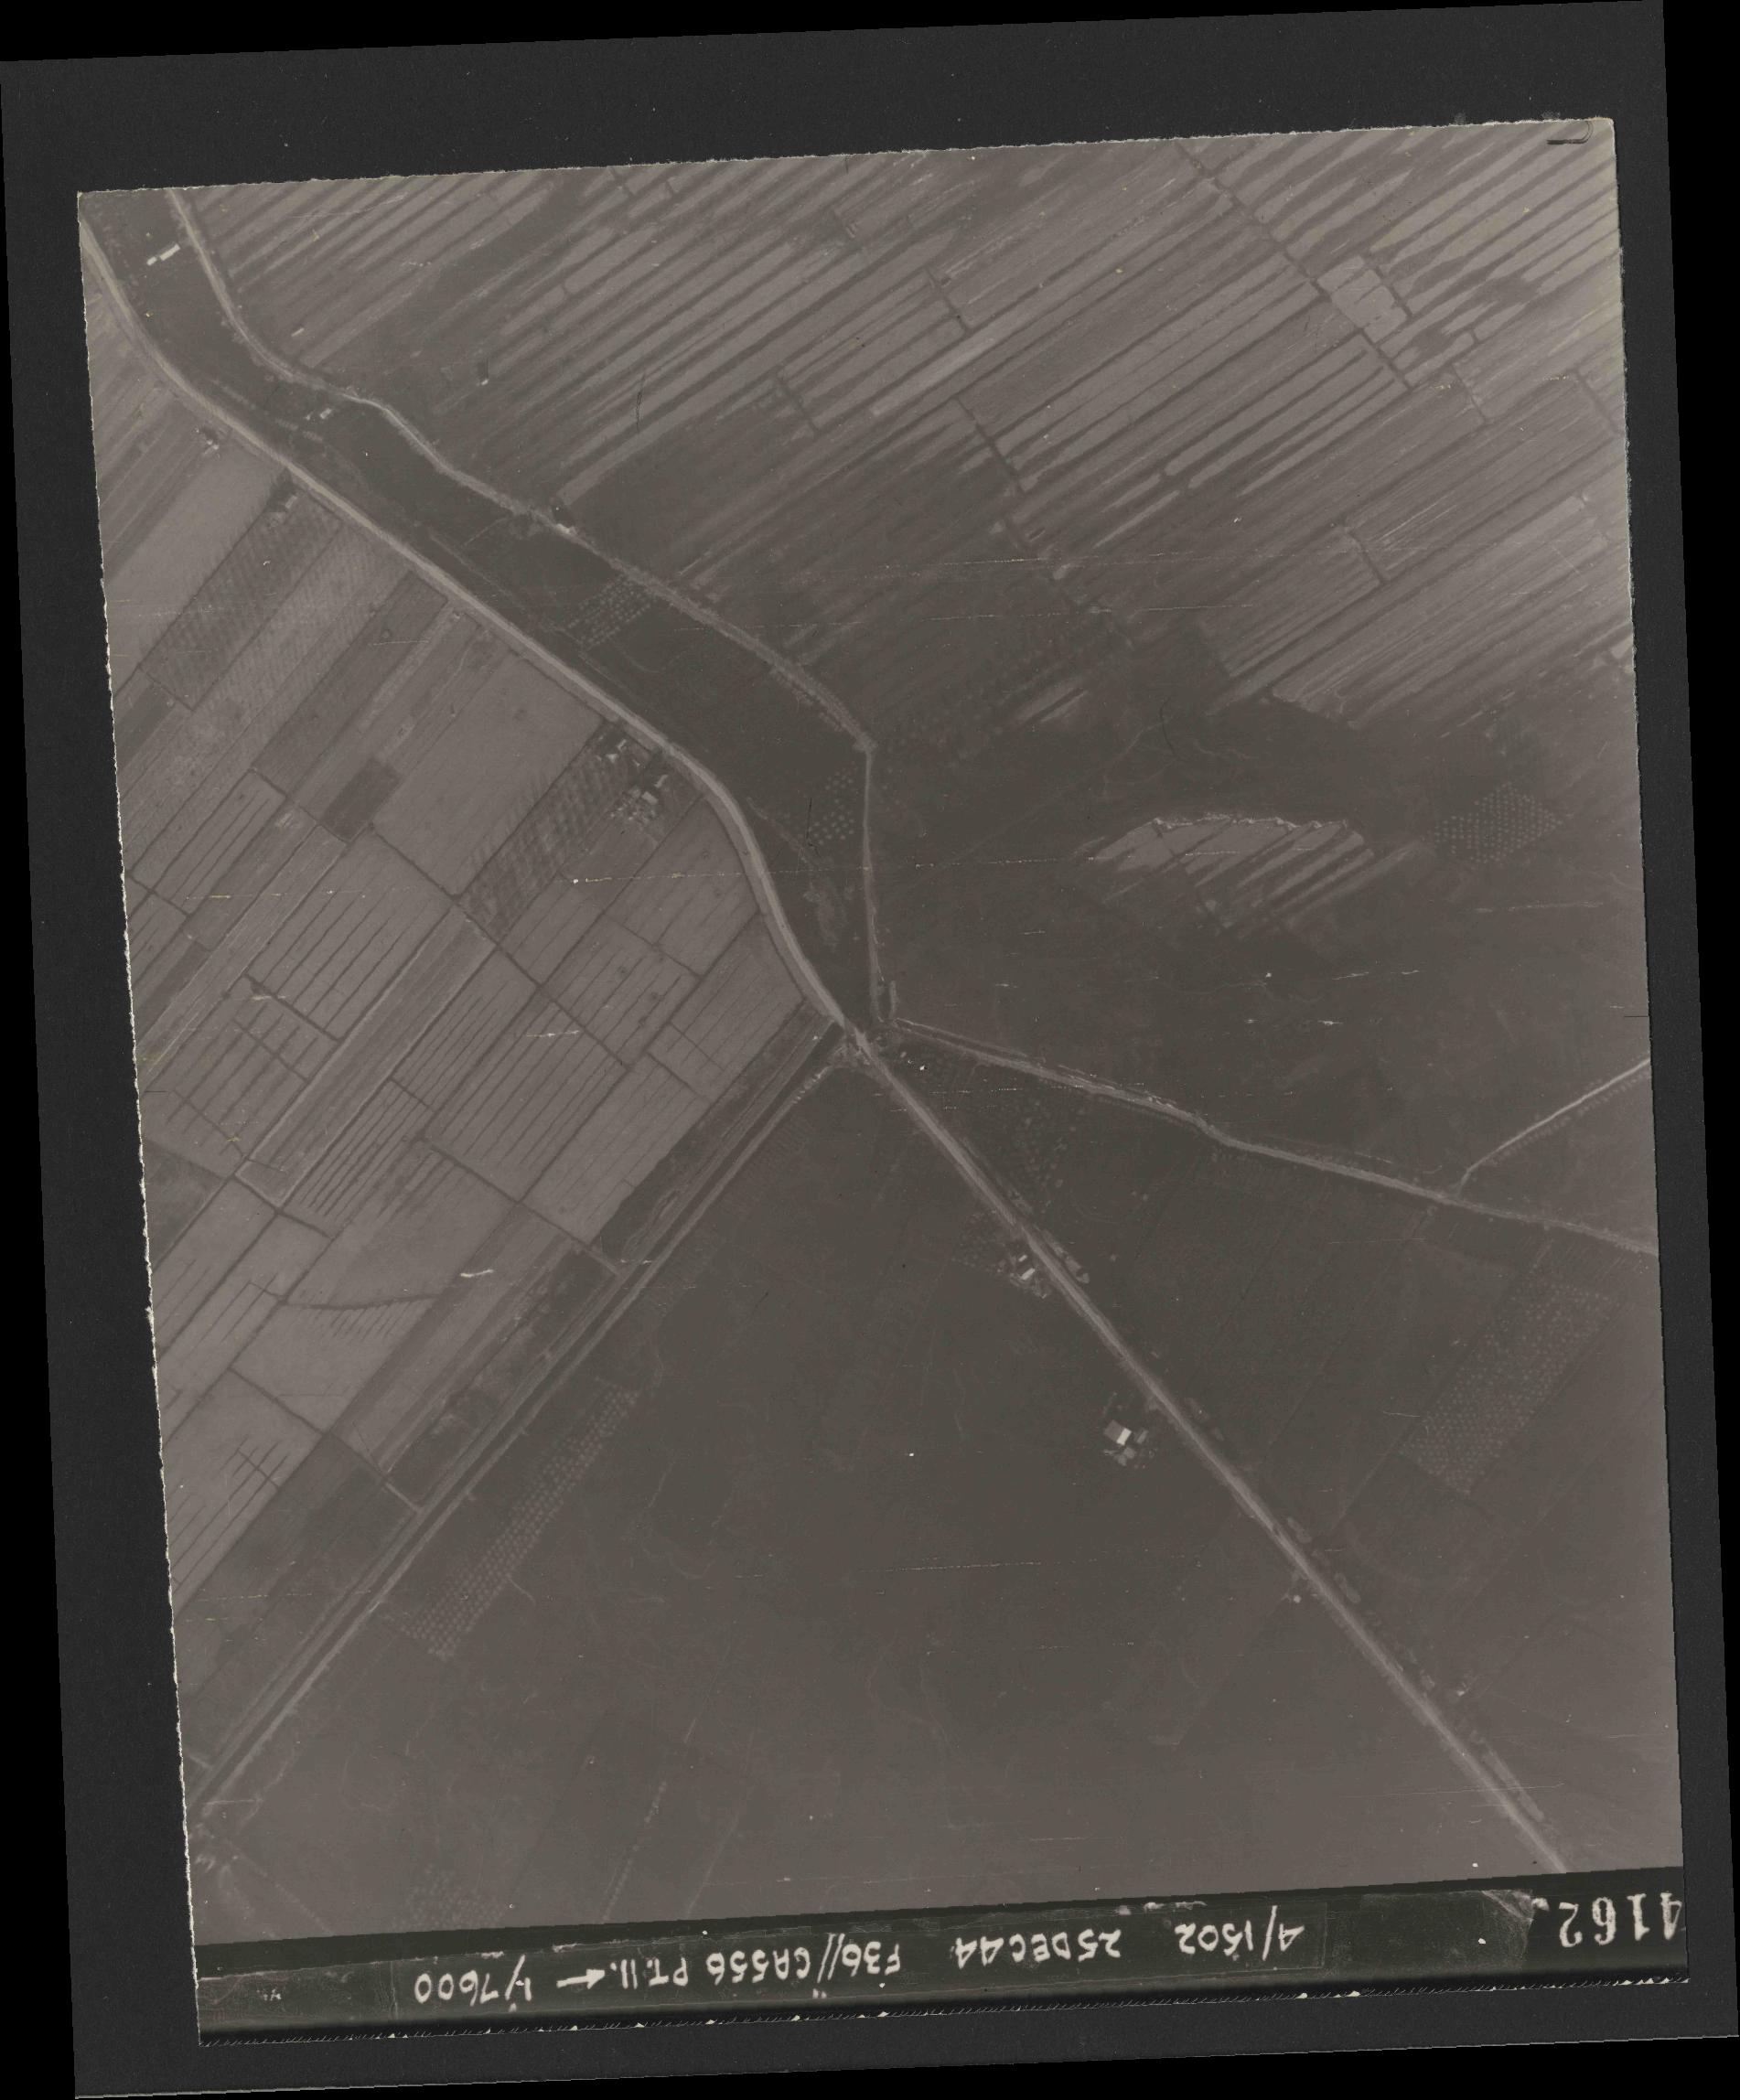 Collection RAF aerial photos 1940-1945 - flight 306, run 05, photo 4162